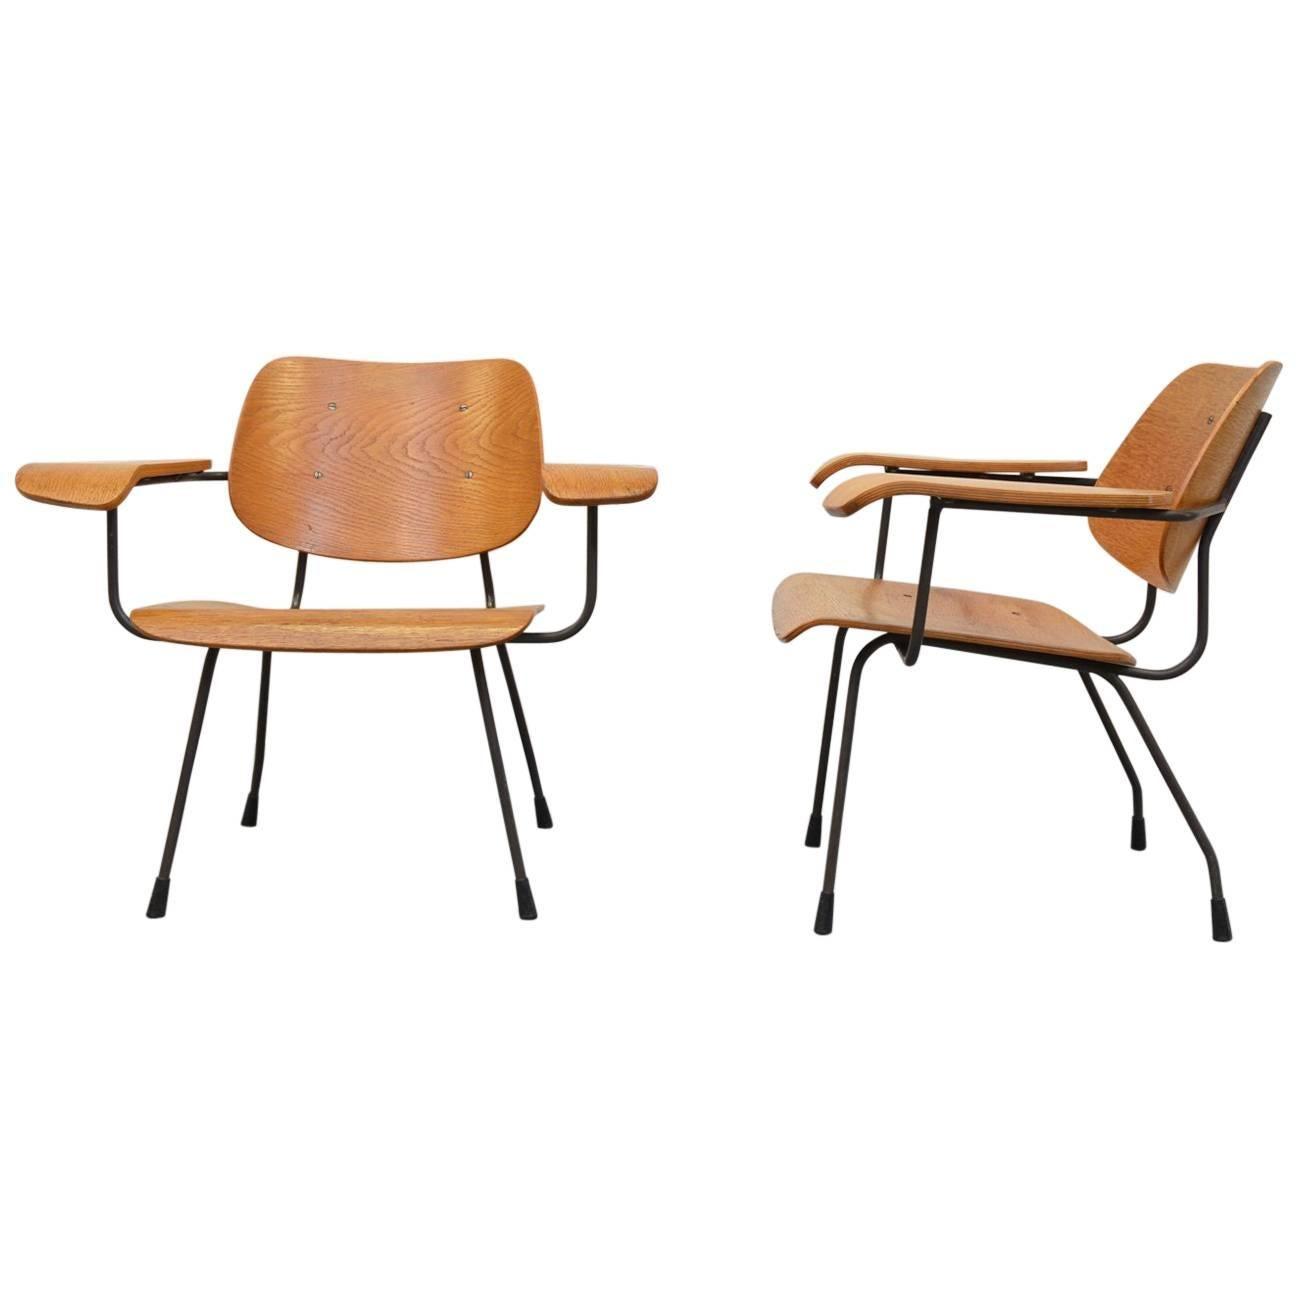 Easy Chairs Model 8000 in Oak by Tjerk Reijenga for Pilastro, Netherlands